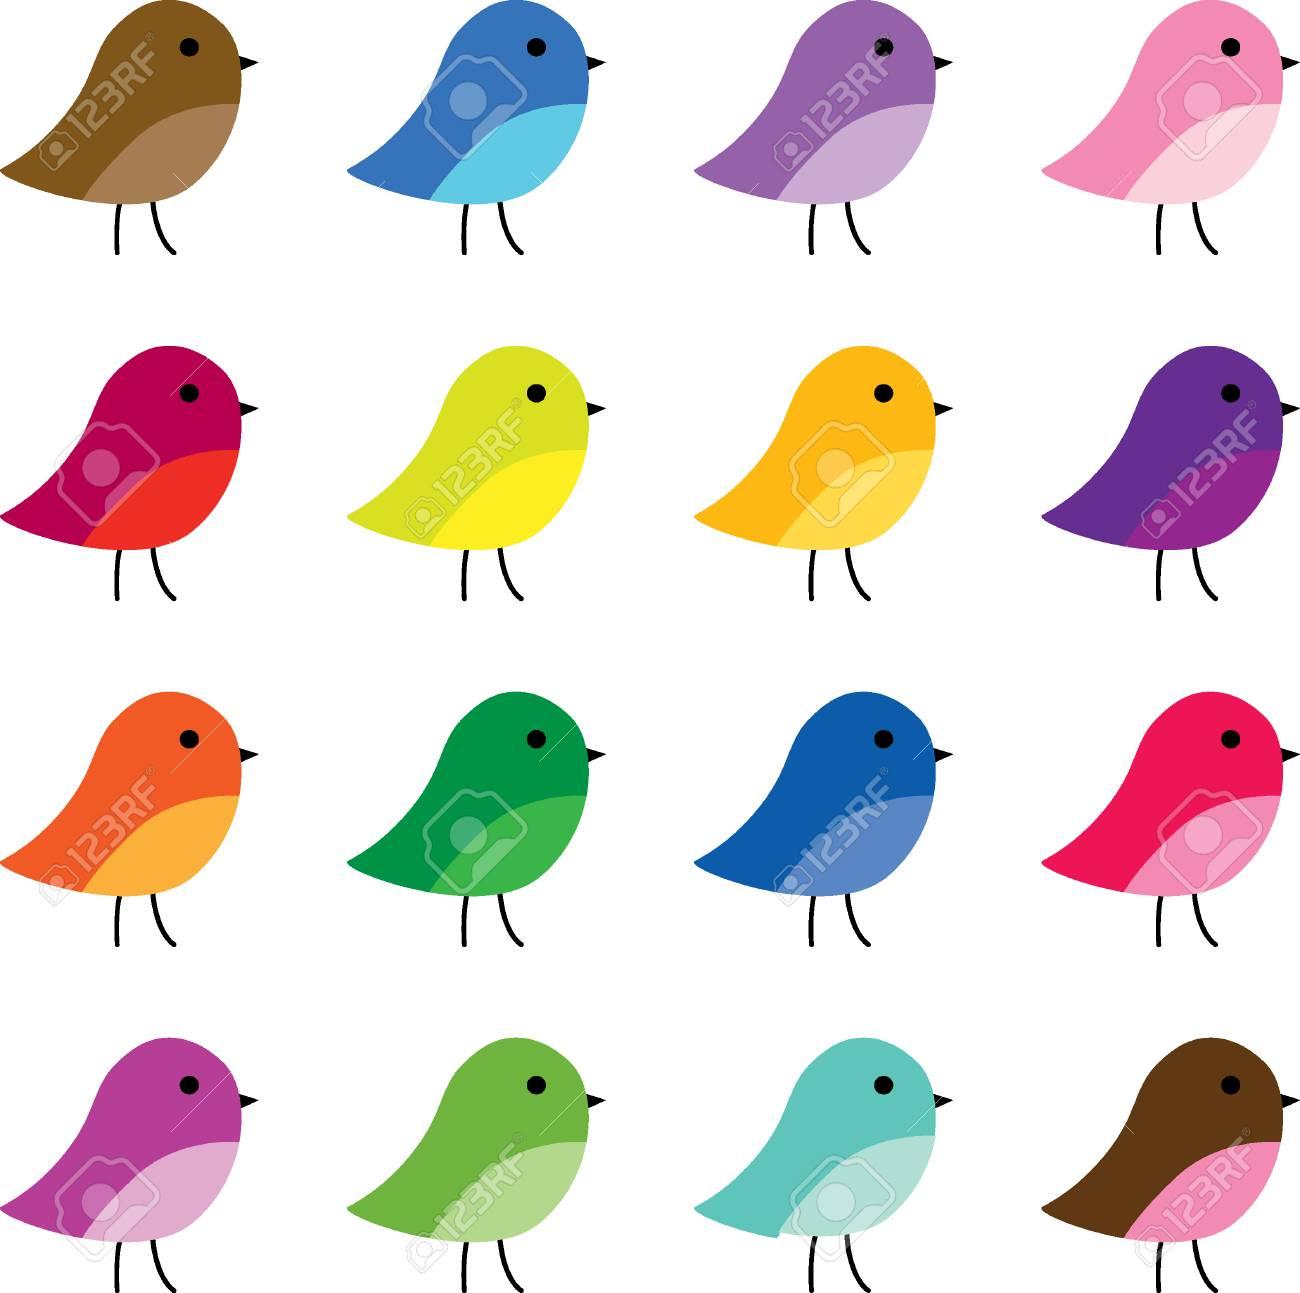 かわいい鳥のクリップアートのイラスト素材ベクタ Image 58135209